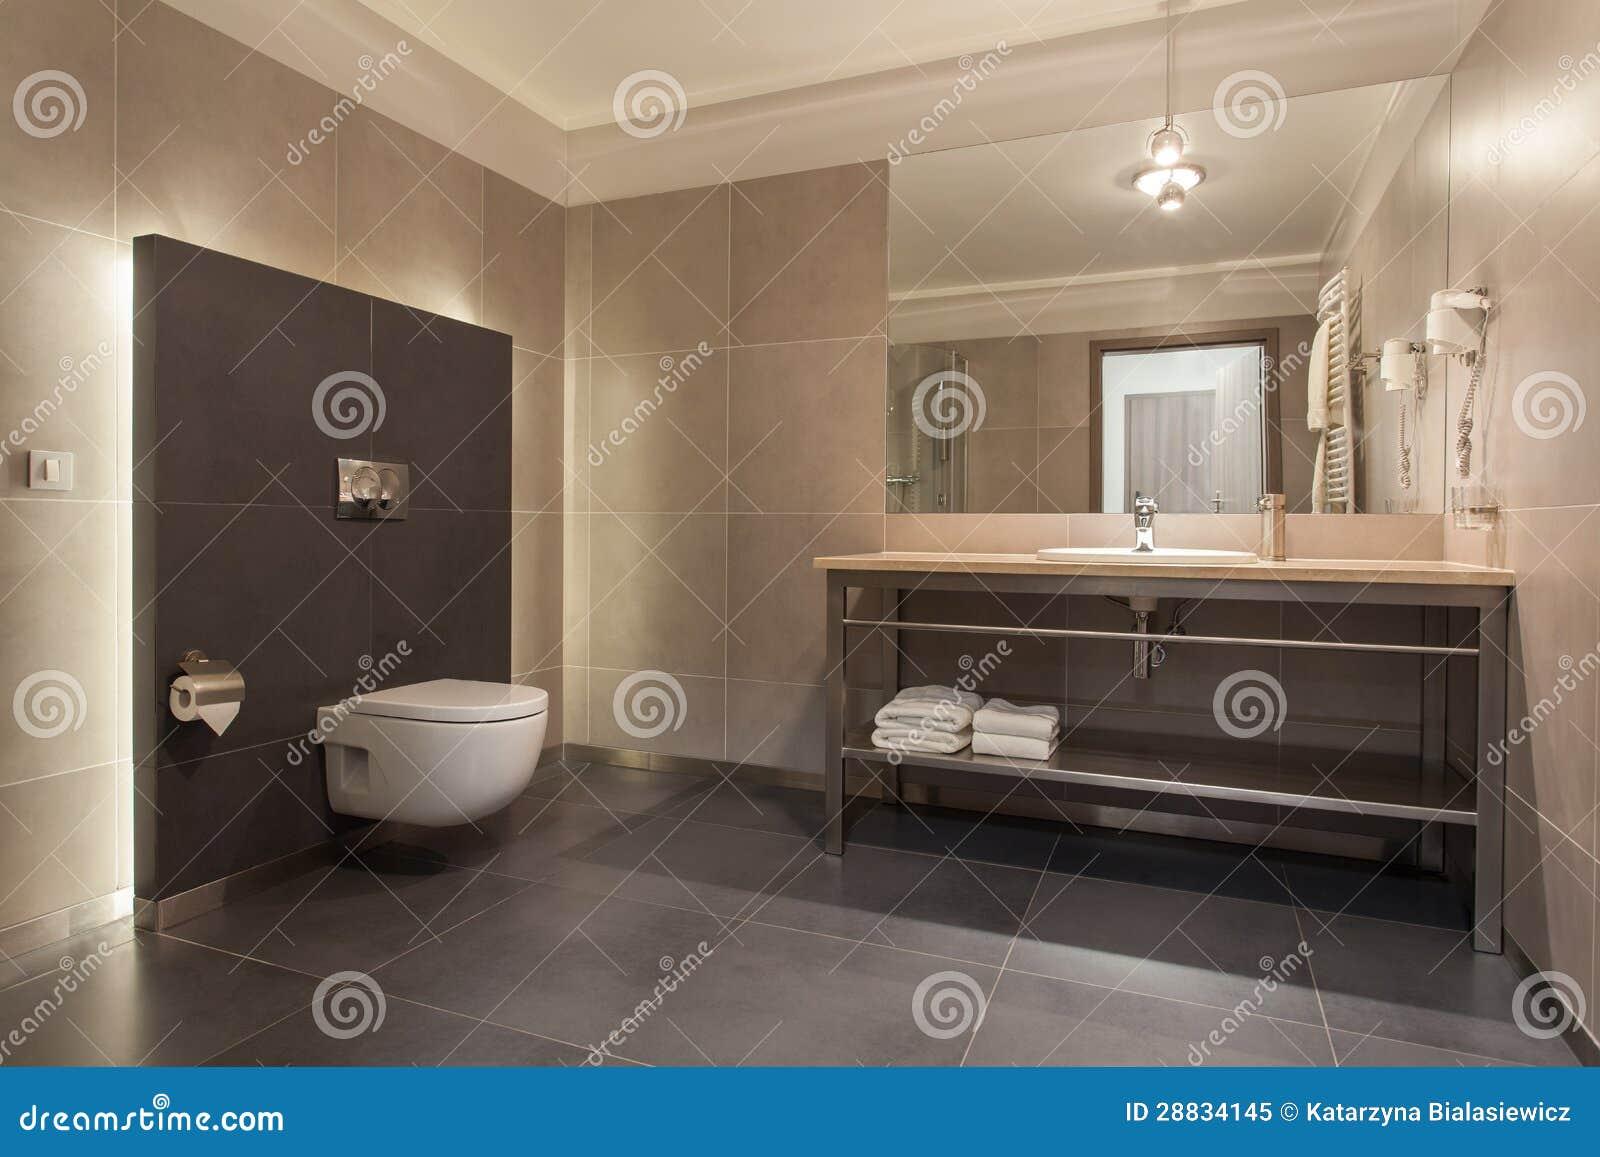 Cuarto De Baño Moderno Fotos:Hotel Del Arbolado – Cuarto De Baño Moderno Foto de archivo libre de